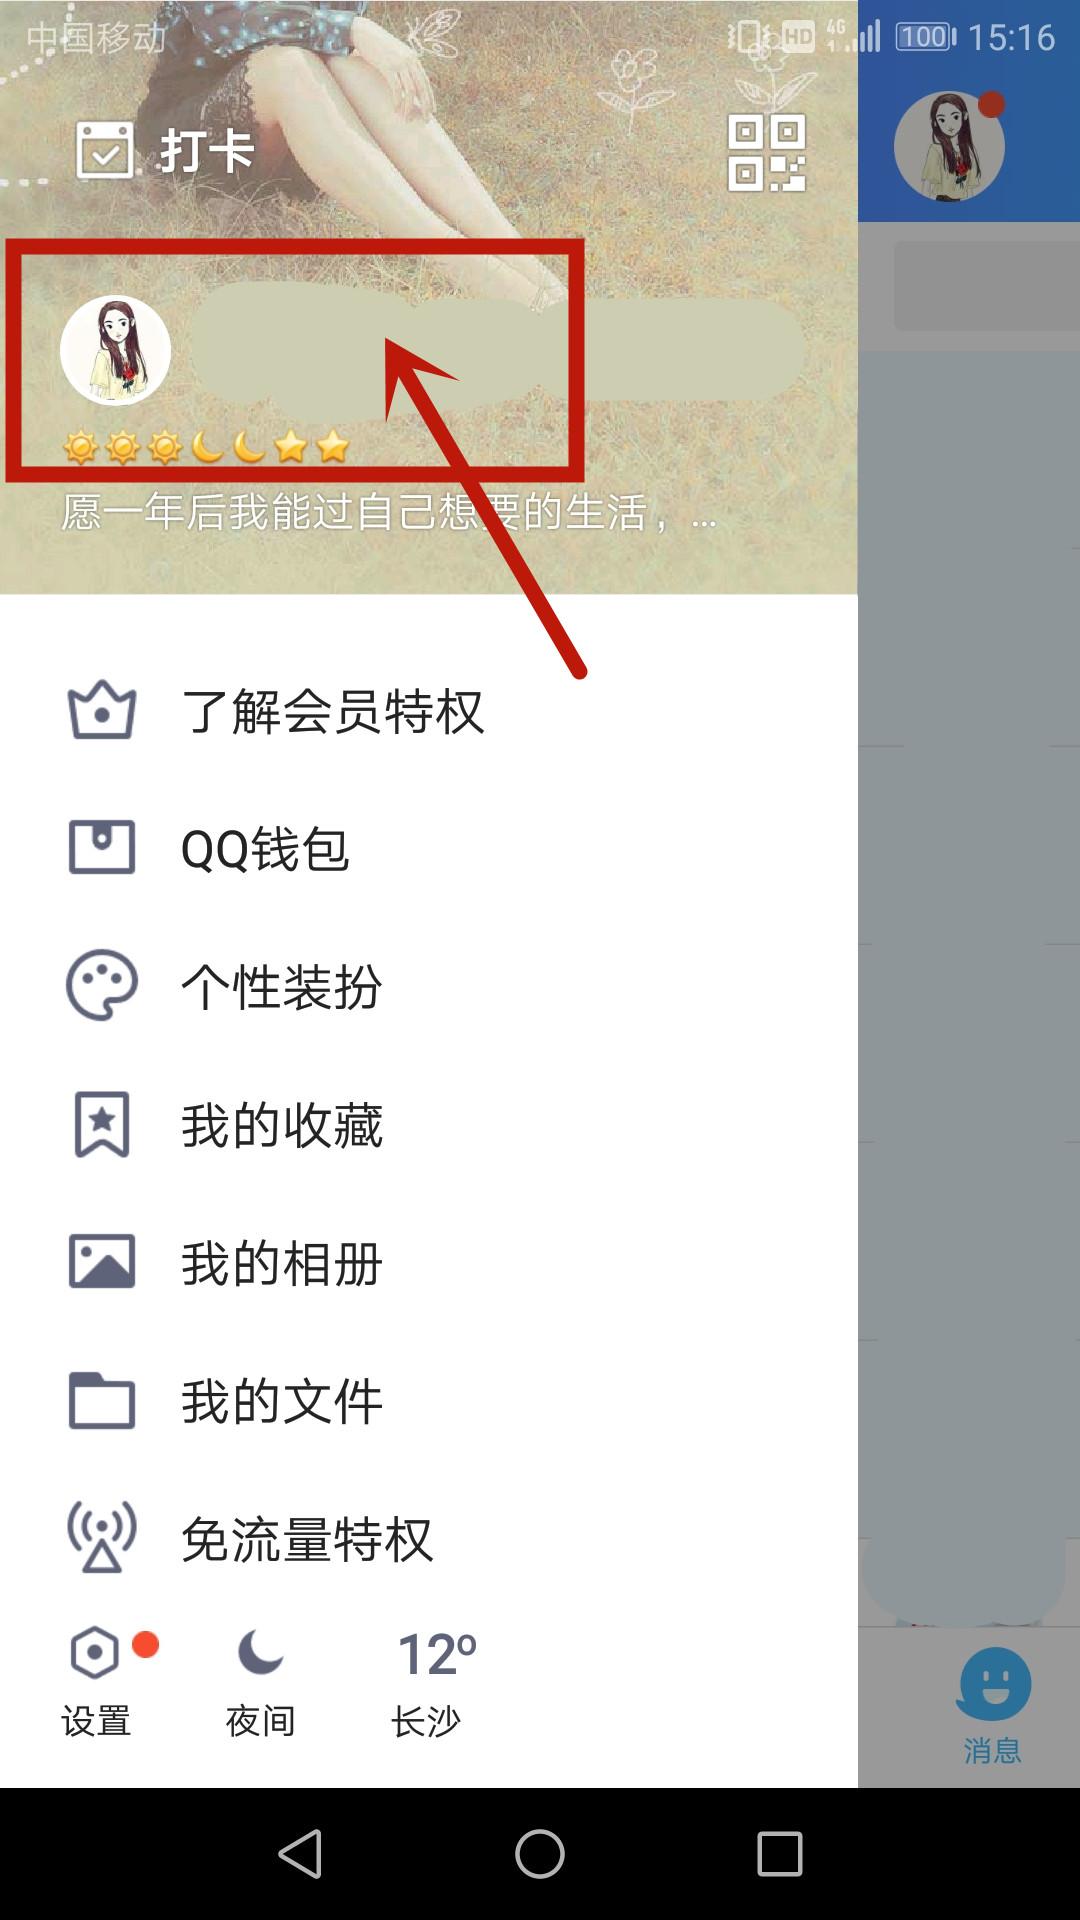 怎样才能看qq号的等级,用手机QQ怎样才能看到自己的等级